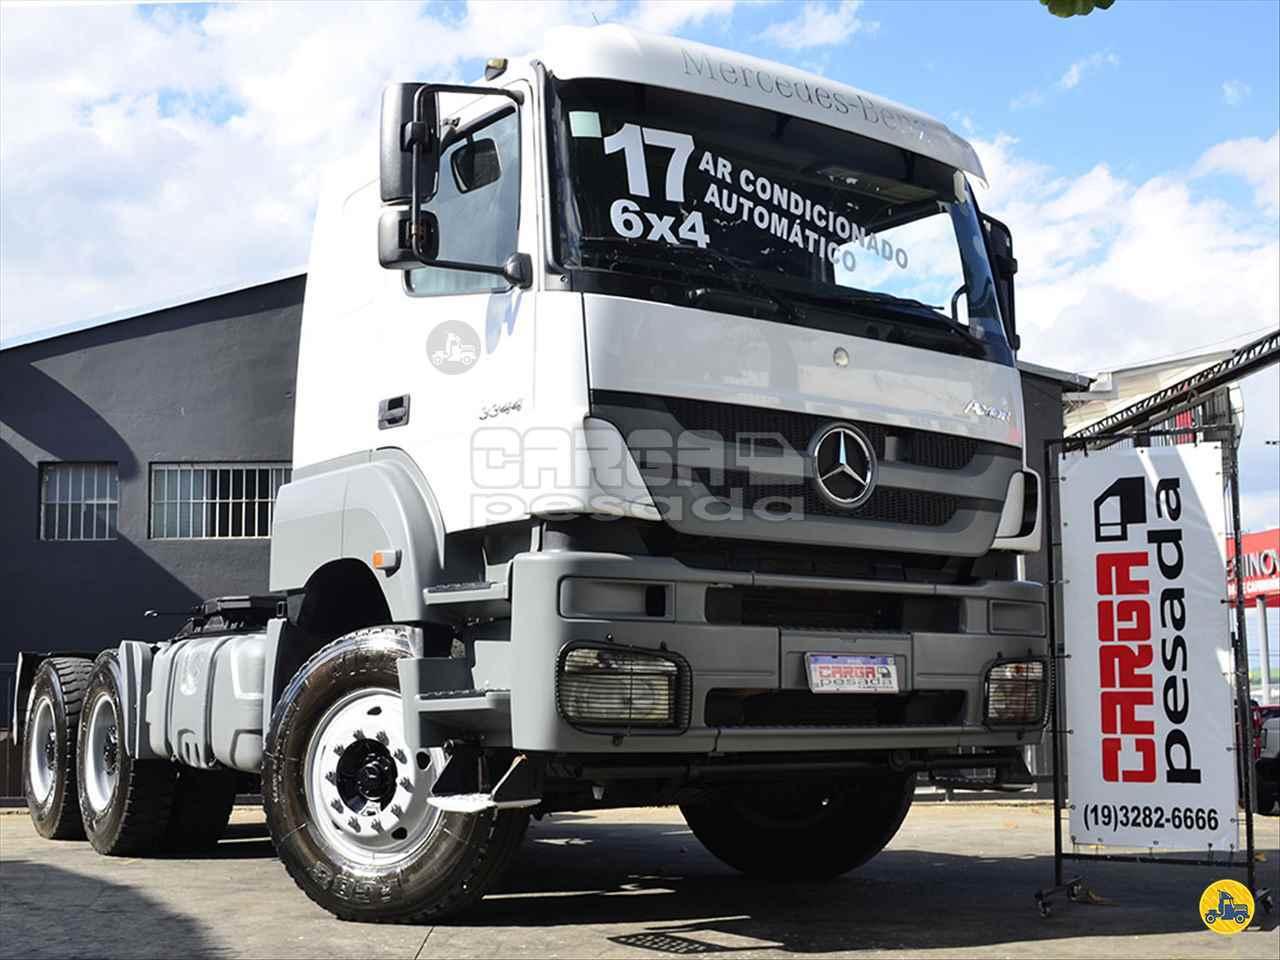 CAMINHAO MERCEDES-BENZ MB 3344 Cavalo Mecânico Traçado 6x4 Carga Pesada Caminhões SAO PAULO SÃO PAULO SP